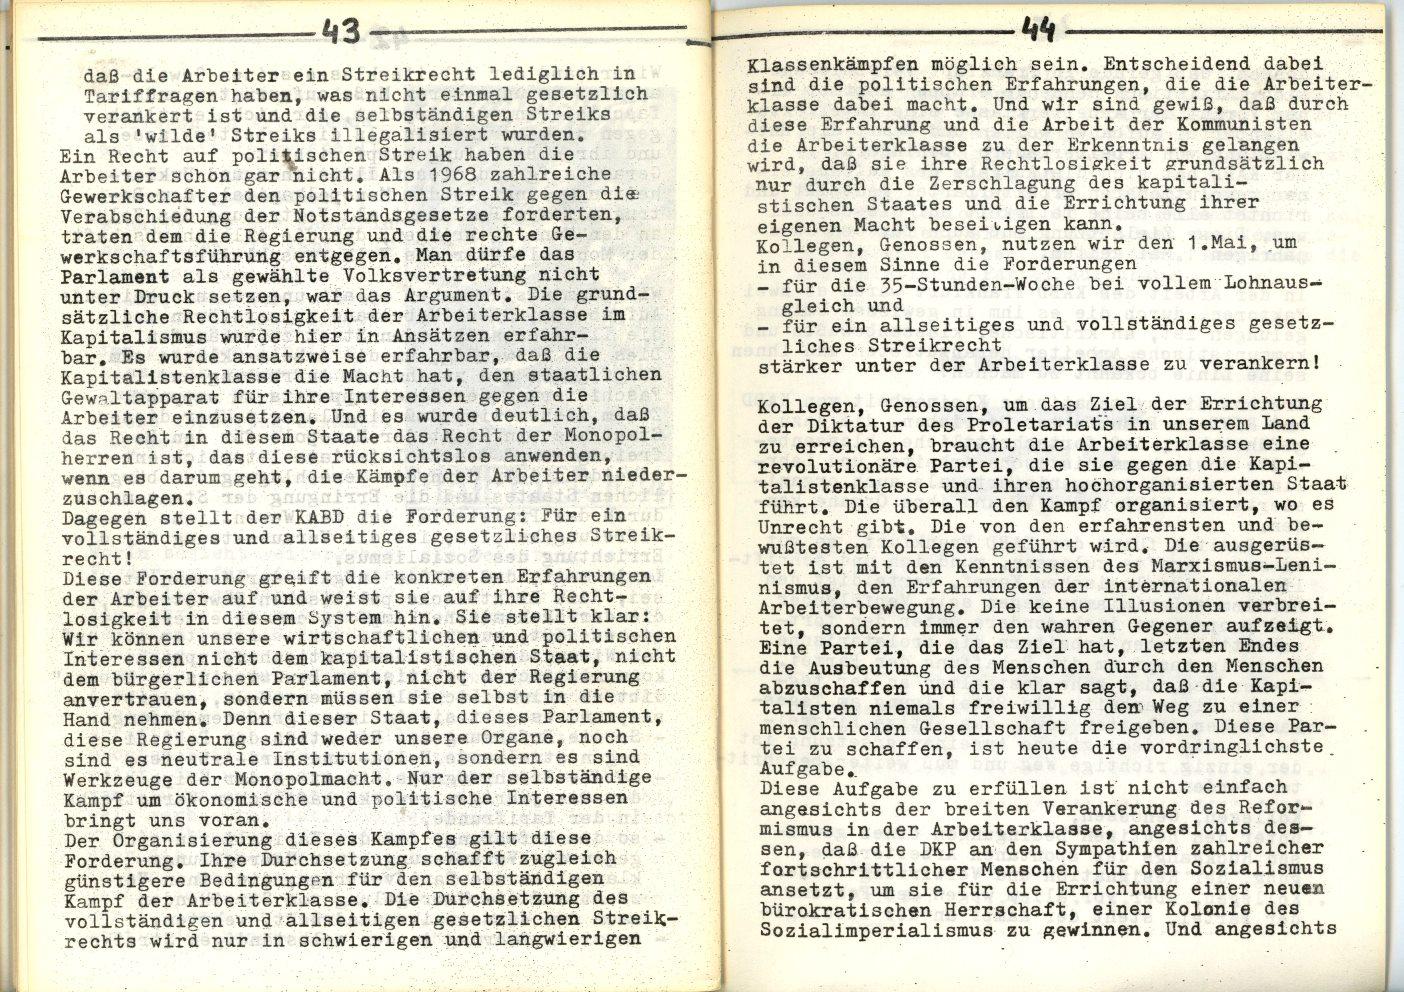 Frankfurt_KABD_zum_Ersten_Mai_1976_23